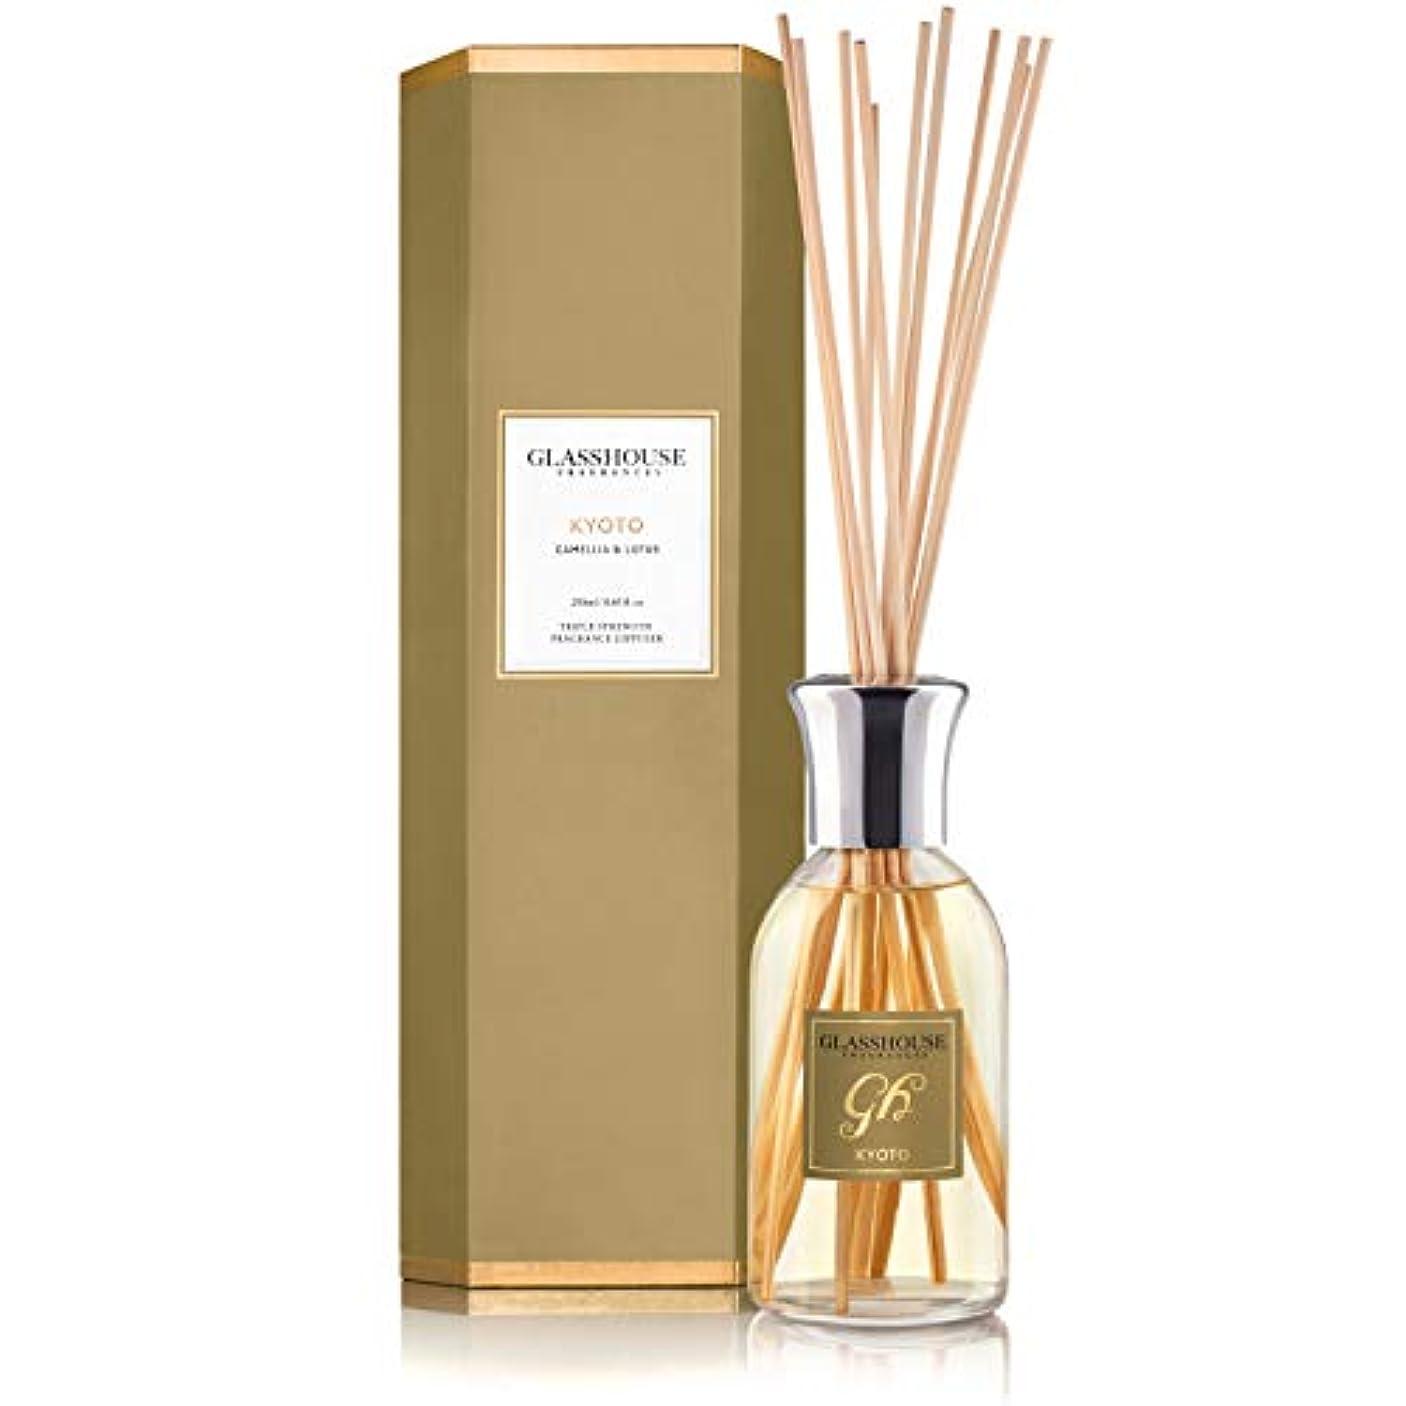 とんでもない振る舞う達成グラスハウス Triple Strength Fragrance Diffuser - Kyoto (Camellia & Lotus) 250ml/8.45oz並行輸入品